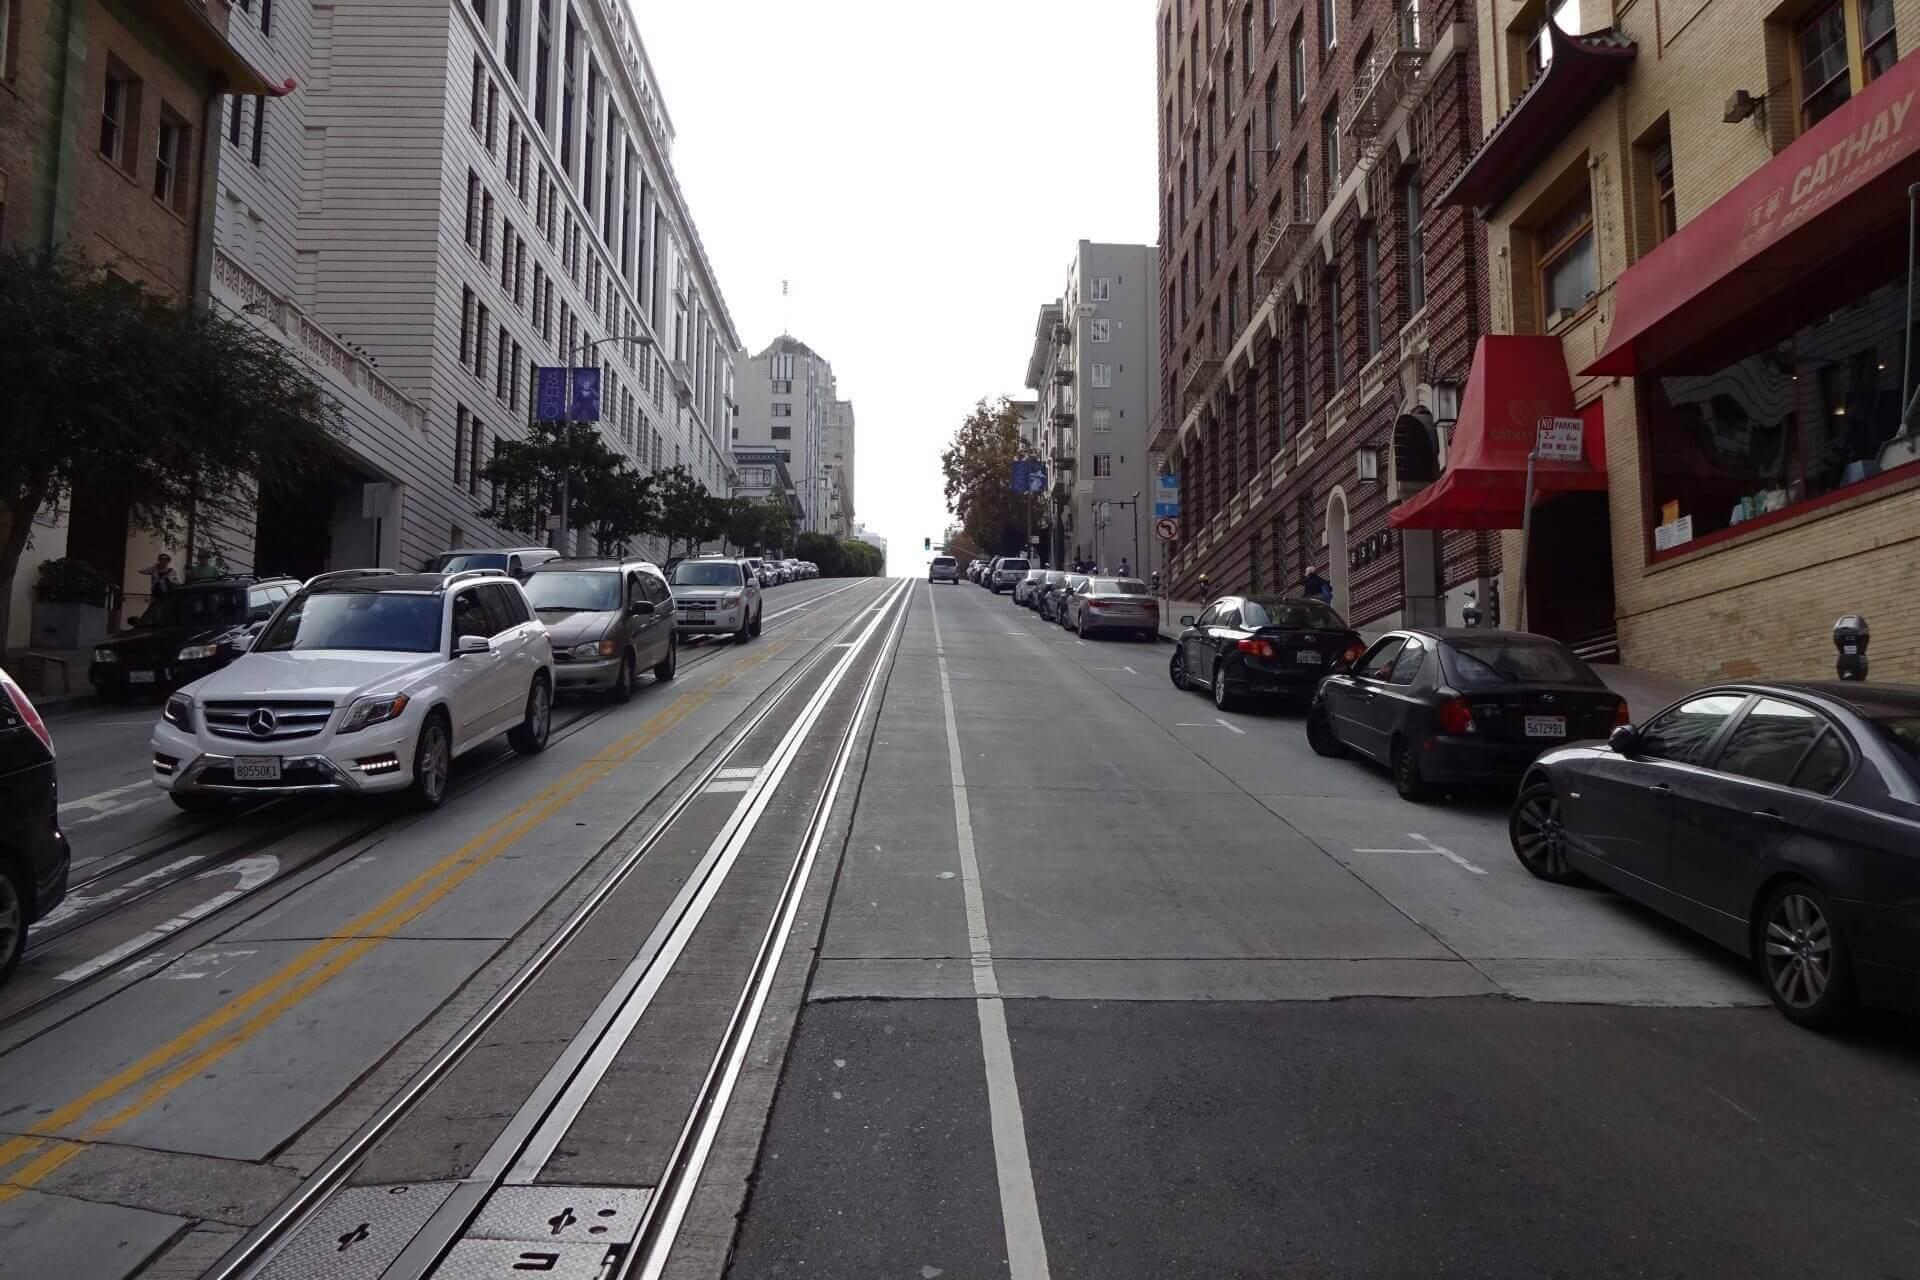 Anstieg zum Russian Hill. Bilder und Eindrücke aus San Francisco, California, United States.